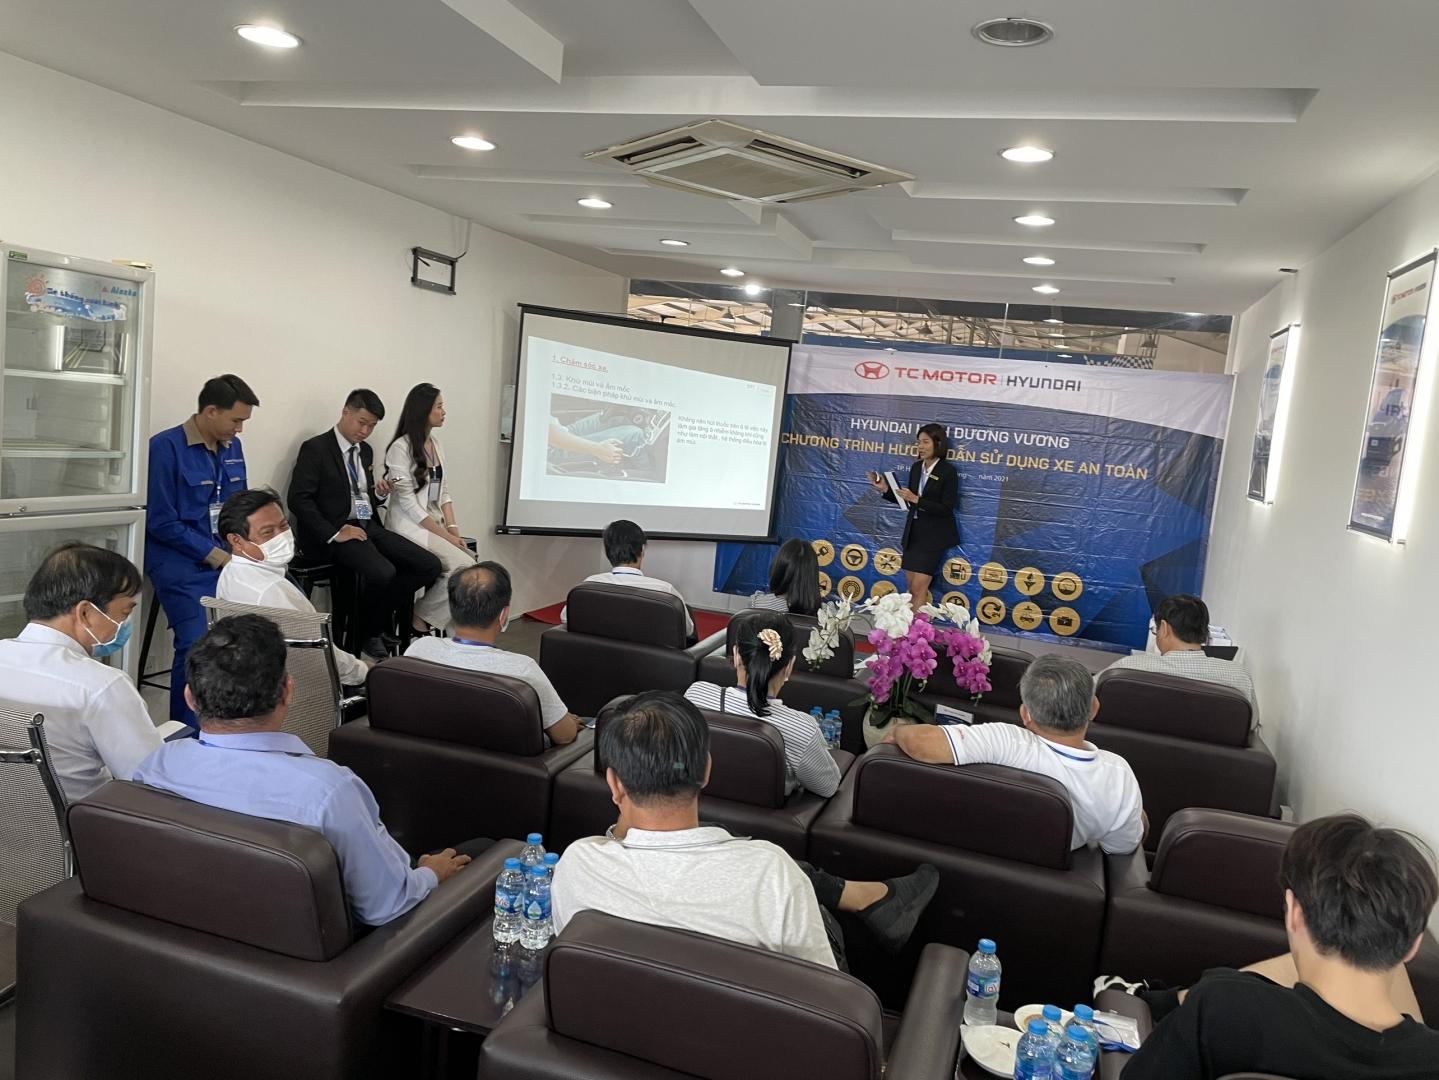 Chương trình  Hướng dẫn sử dụng xe an toàn  tại Hyundai Kinh Dương Vương diễn ra thành công tốt đẹp